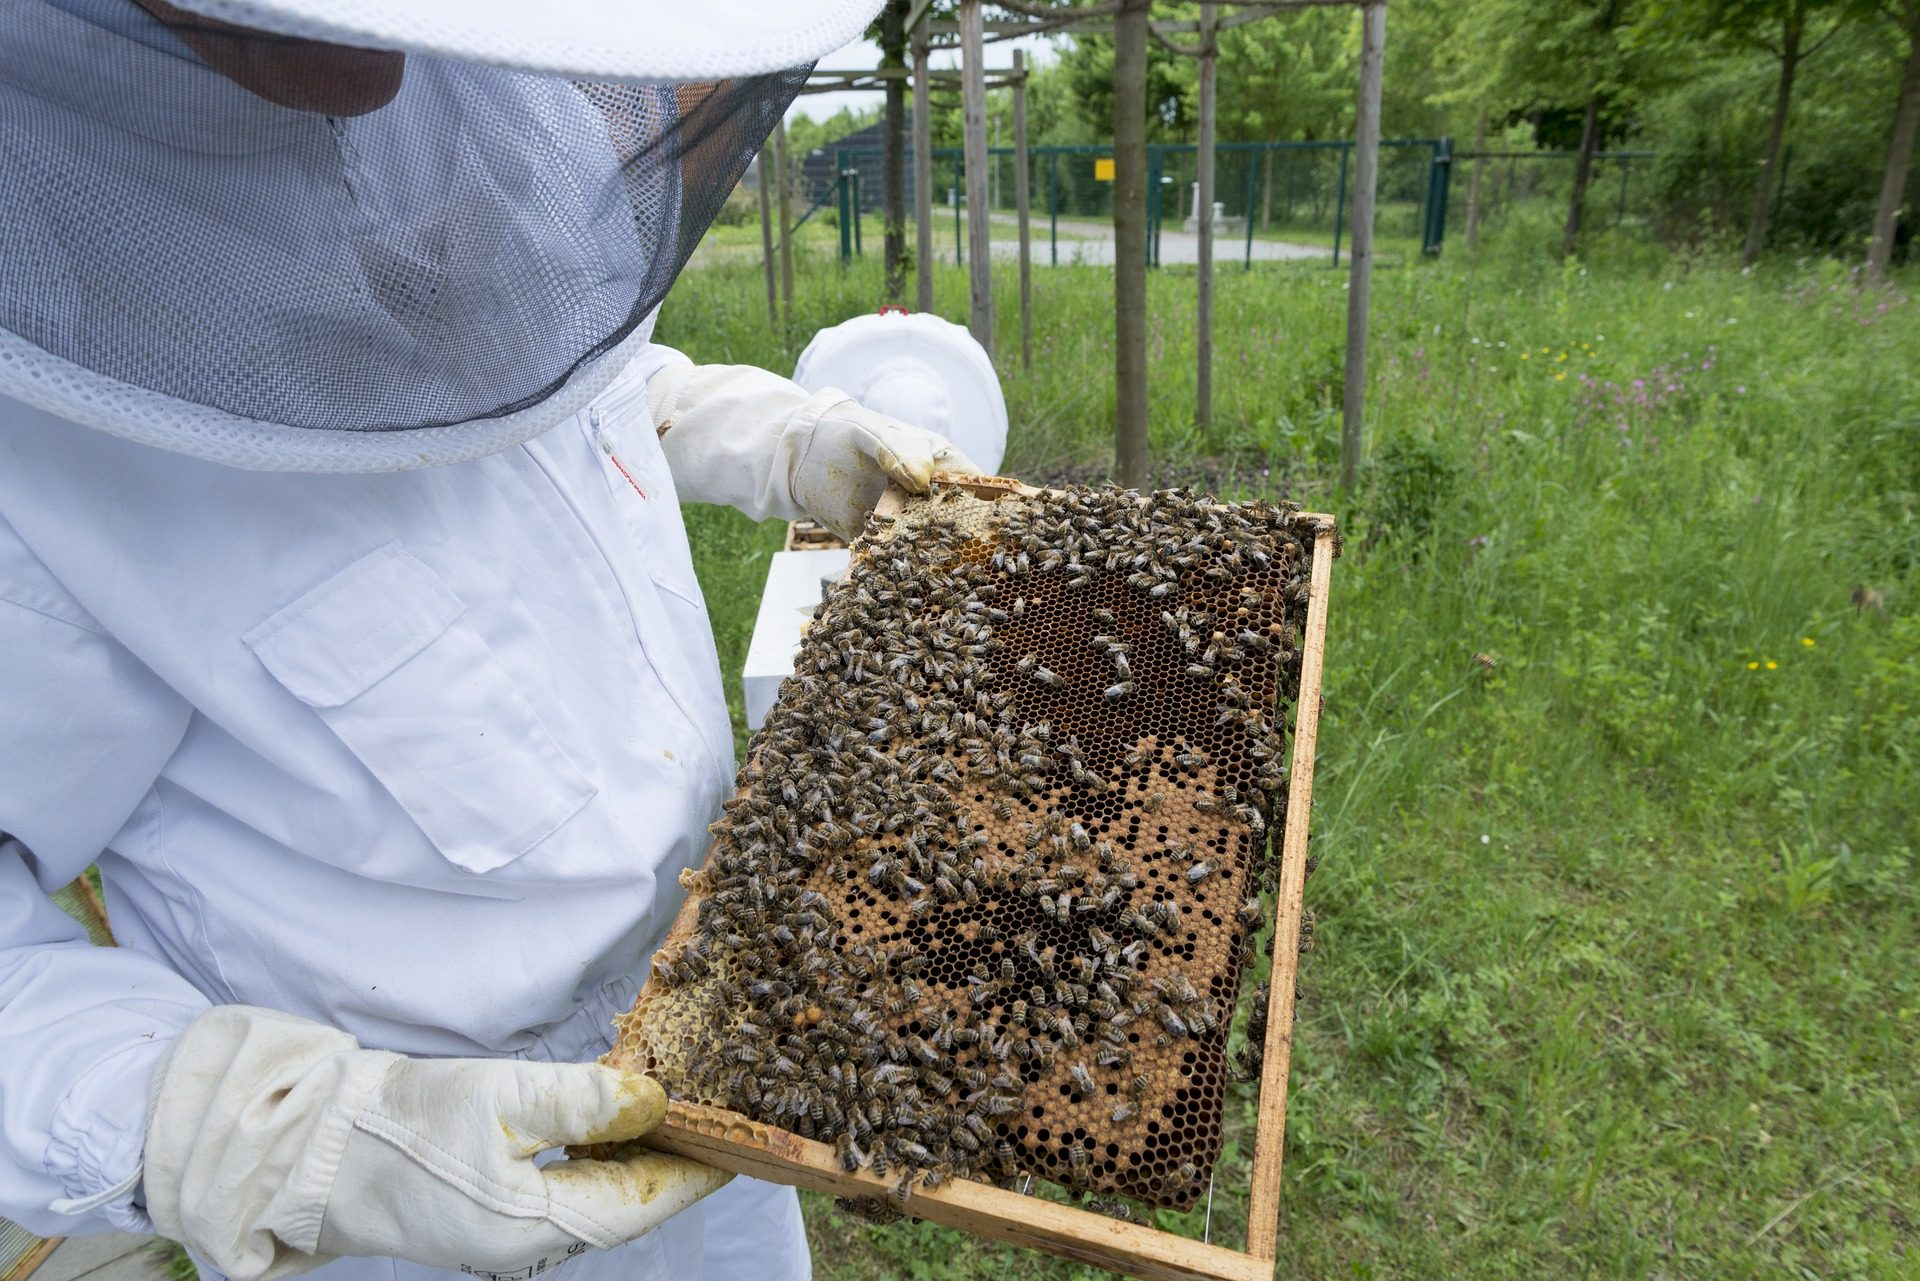 Groupe d'experts, abeilles, apiculteur, miel, ruche - Fonds d'écran HD - Professor-falken.com